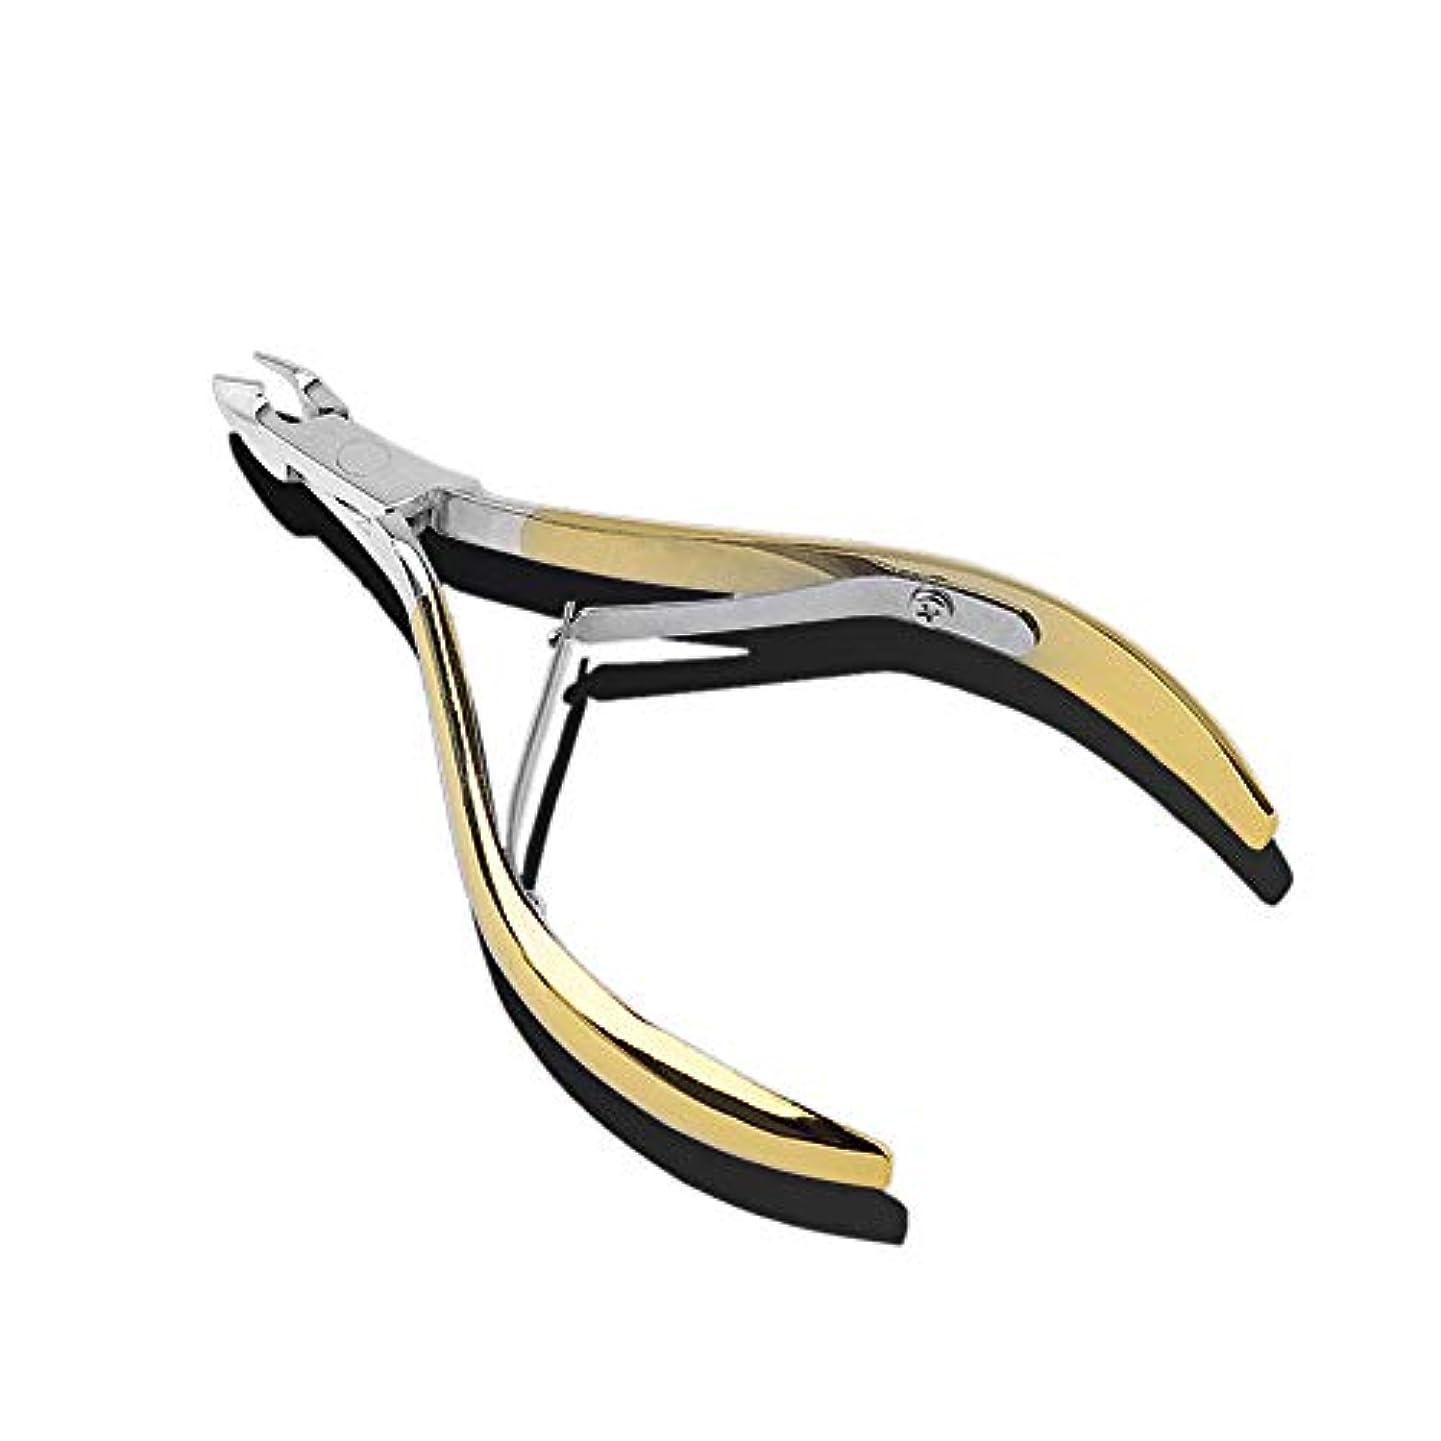 マイコン学生是正するニッパー型爪切りステンレス鋼 爪切り ニッパーツメキリ最適 お年寄り 高齢者 医療 介護 あしまき、ゴールド